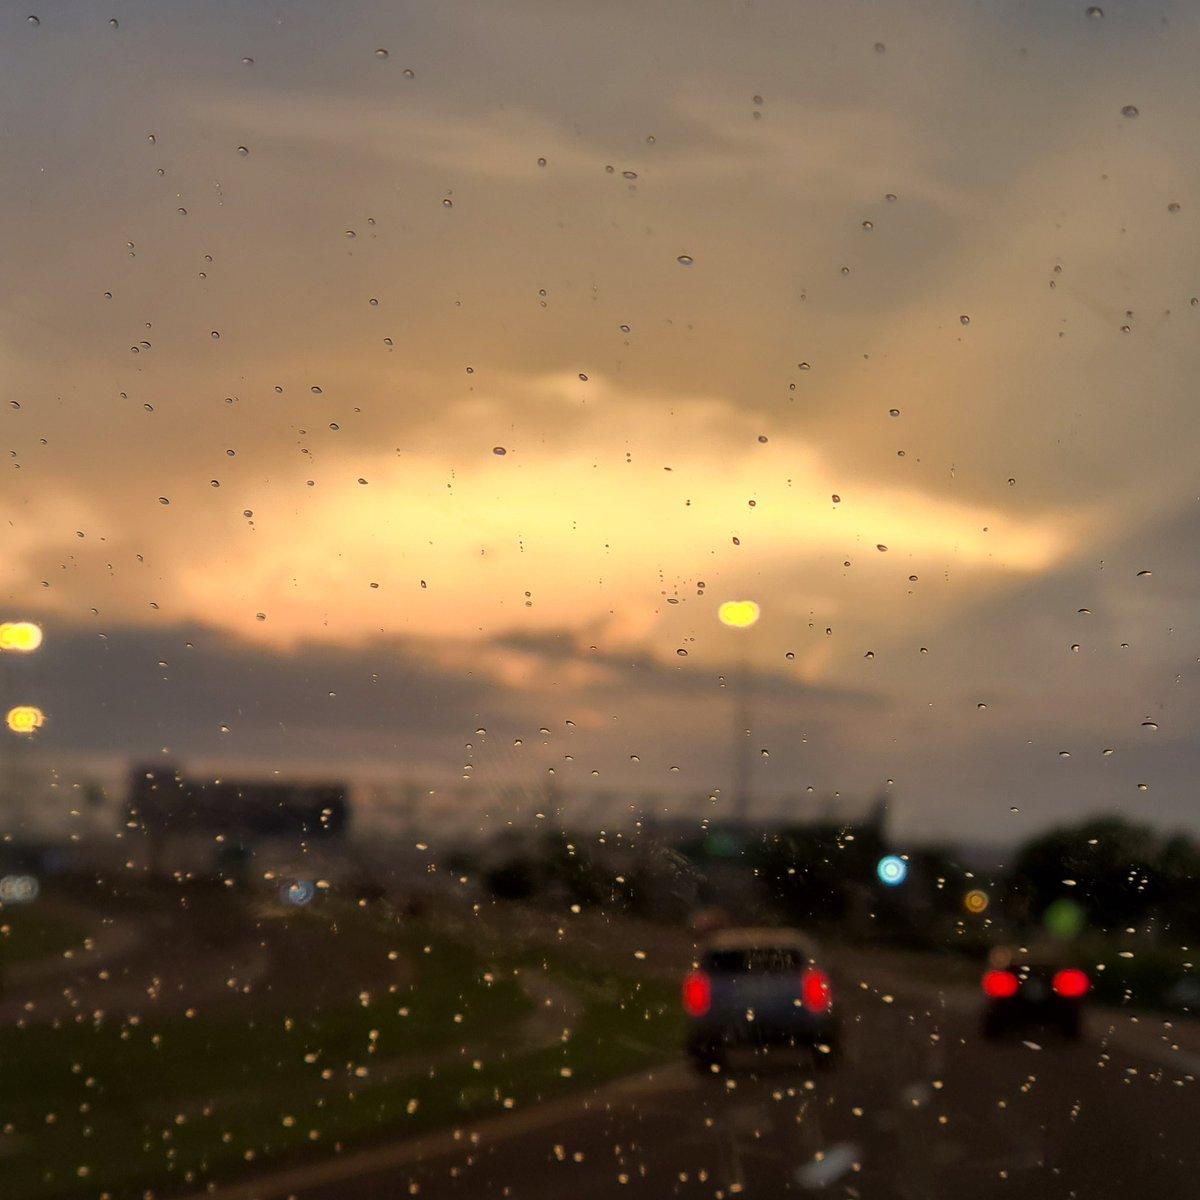 Sssssiimmbaaaaaa  #capecanaveral #sunset #mufasa https://t.co/HBYckAIPHS